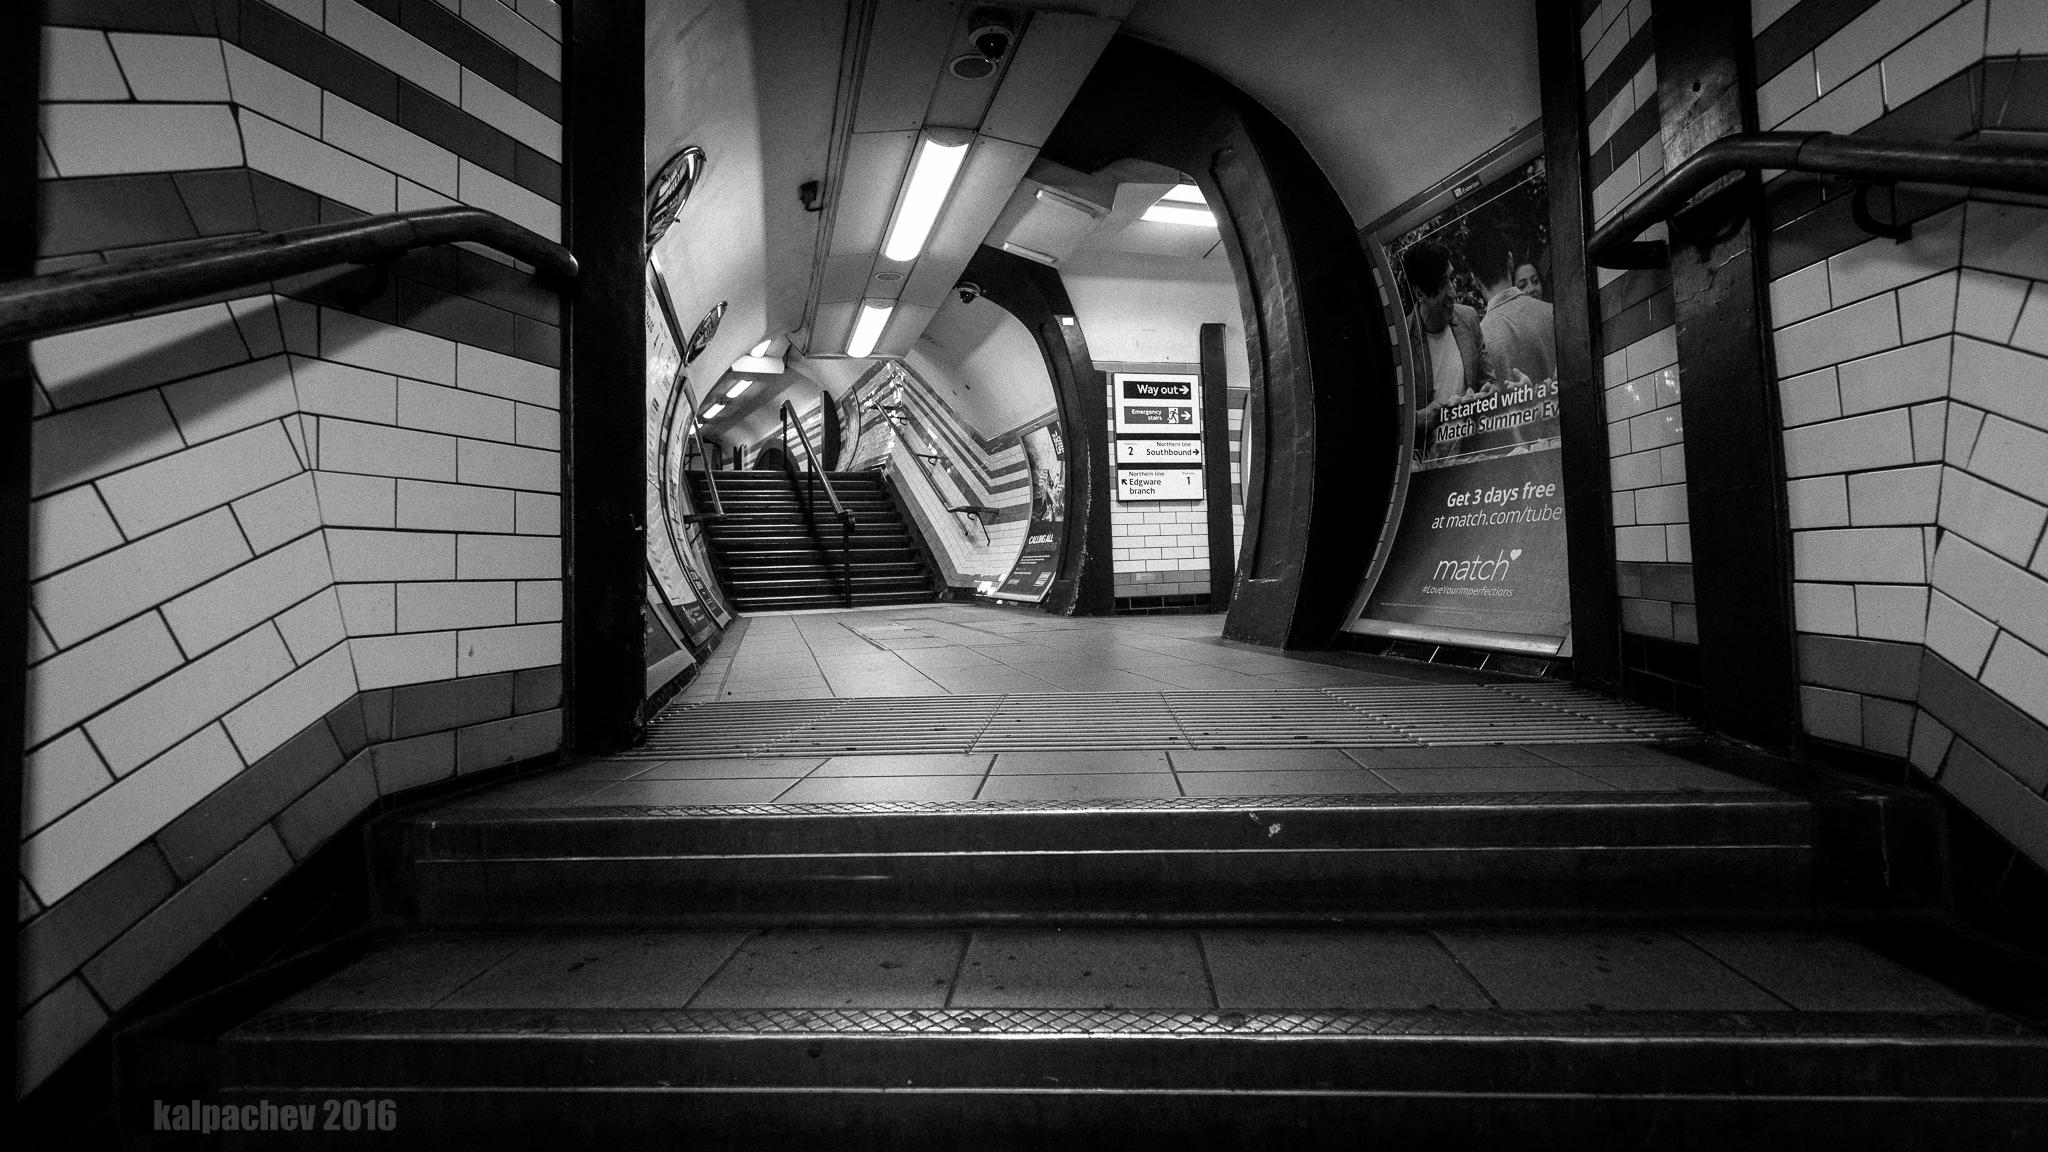 Camden town Underground station at night #camden #tfl #londonunderground #camdentown